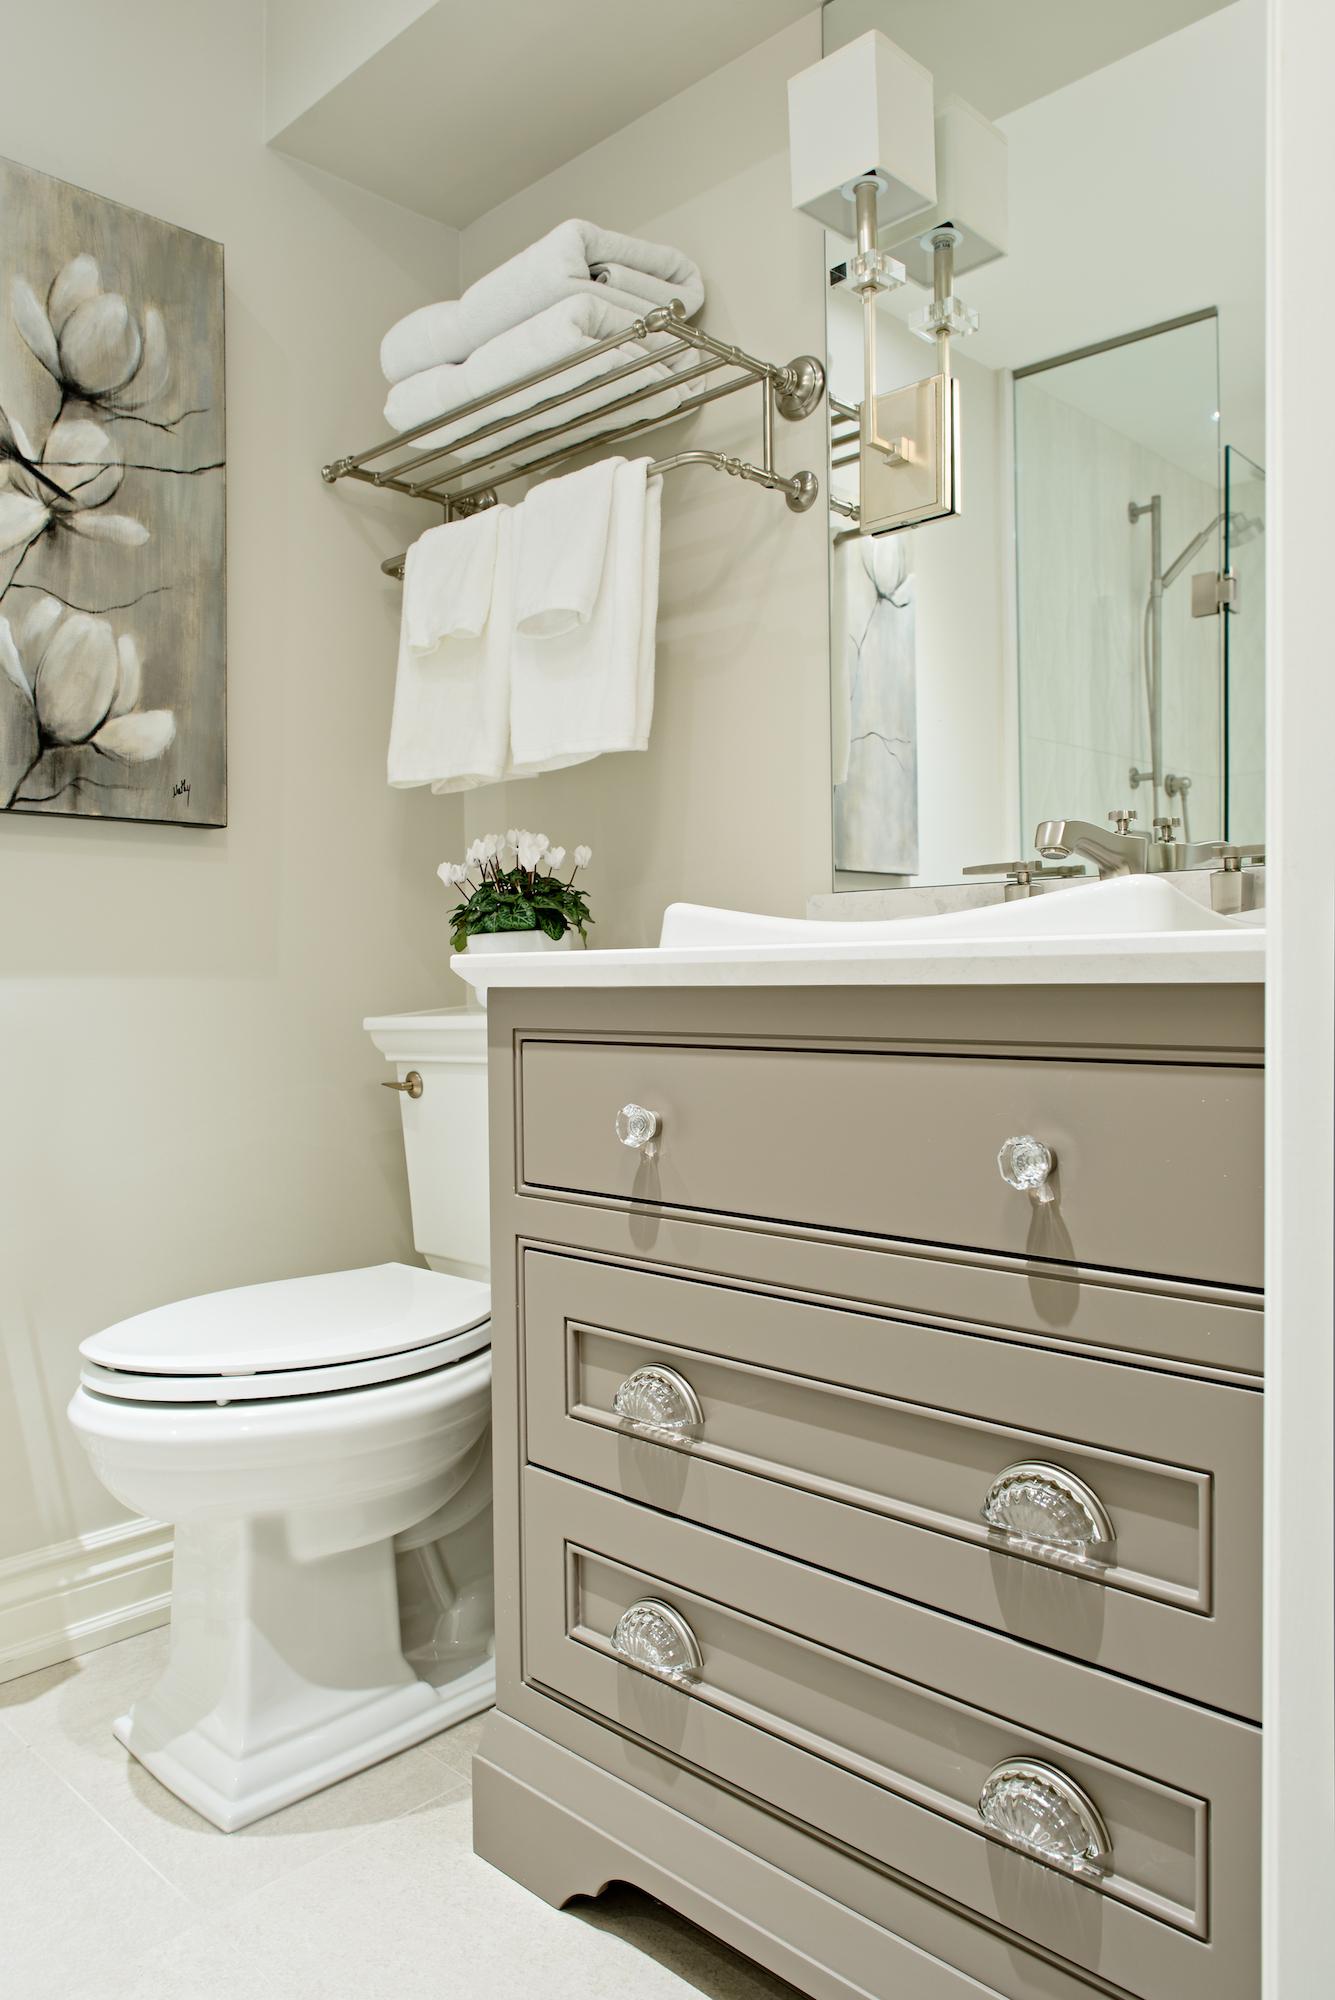 8 Pizzale Design Interior Decorating  bathroom elegant clean simple beige white.jpg